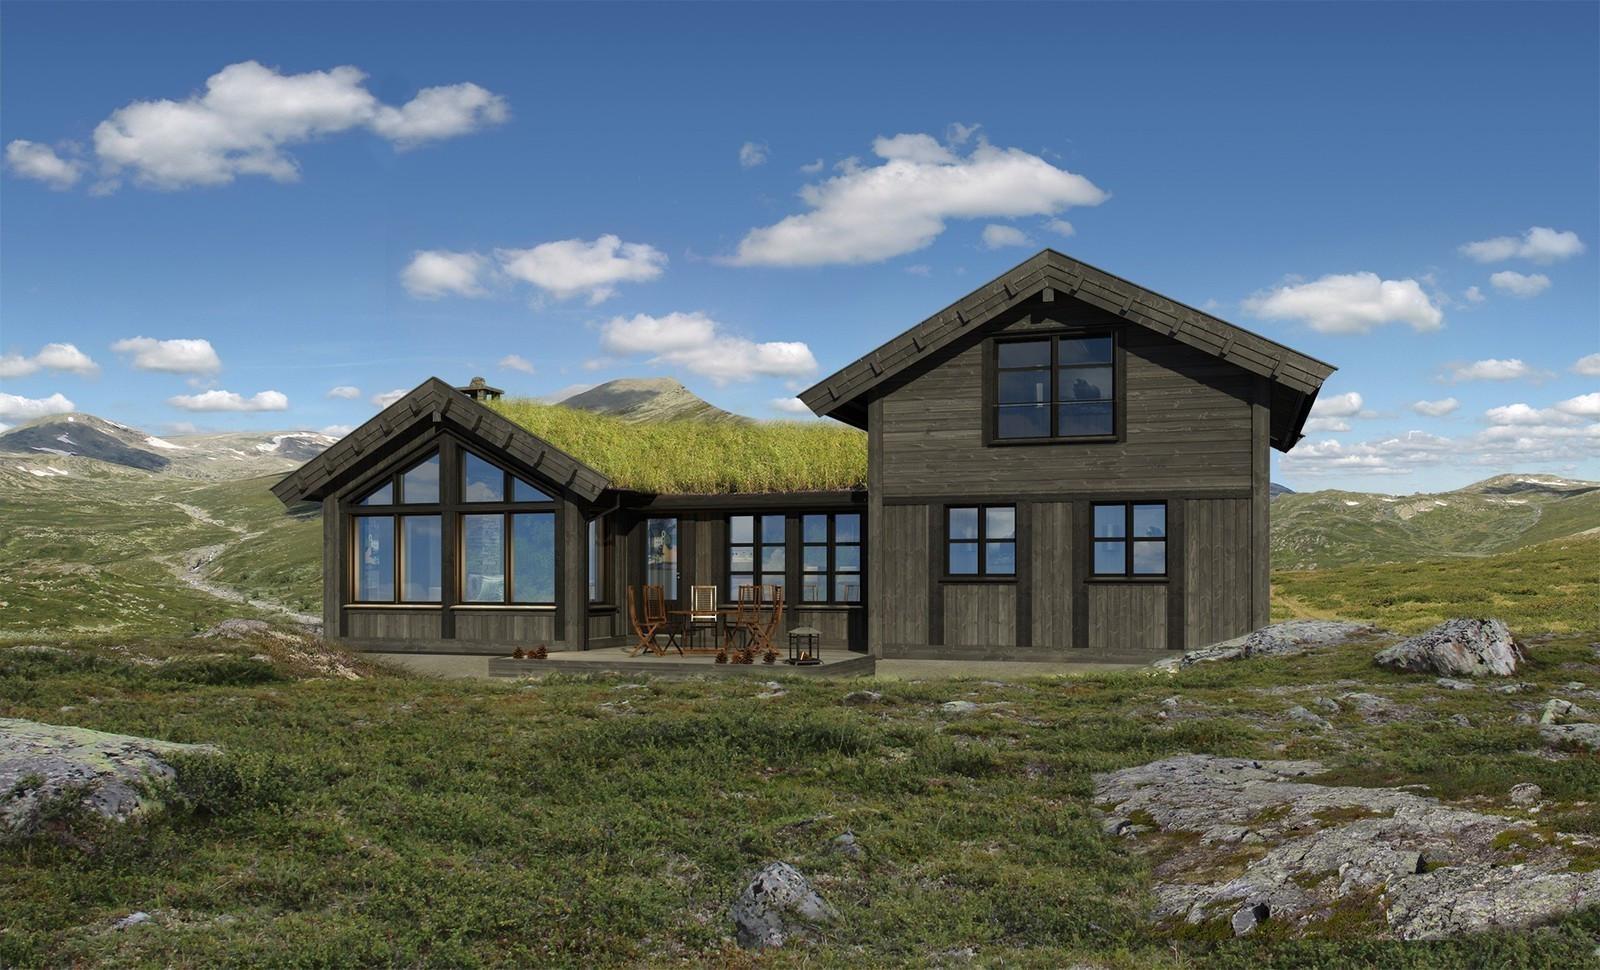 Illustrasjon som viser denne flotte hytten! Med de flotte utsikt tomtene på Hattevarden, så blir dette en perfekt kombinasjon .